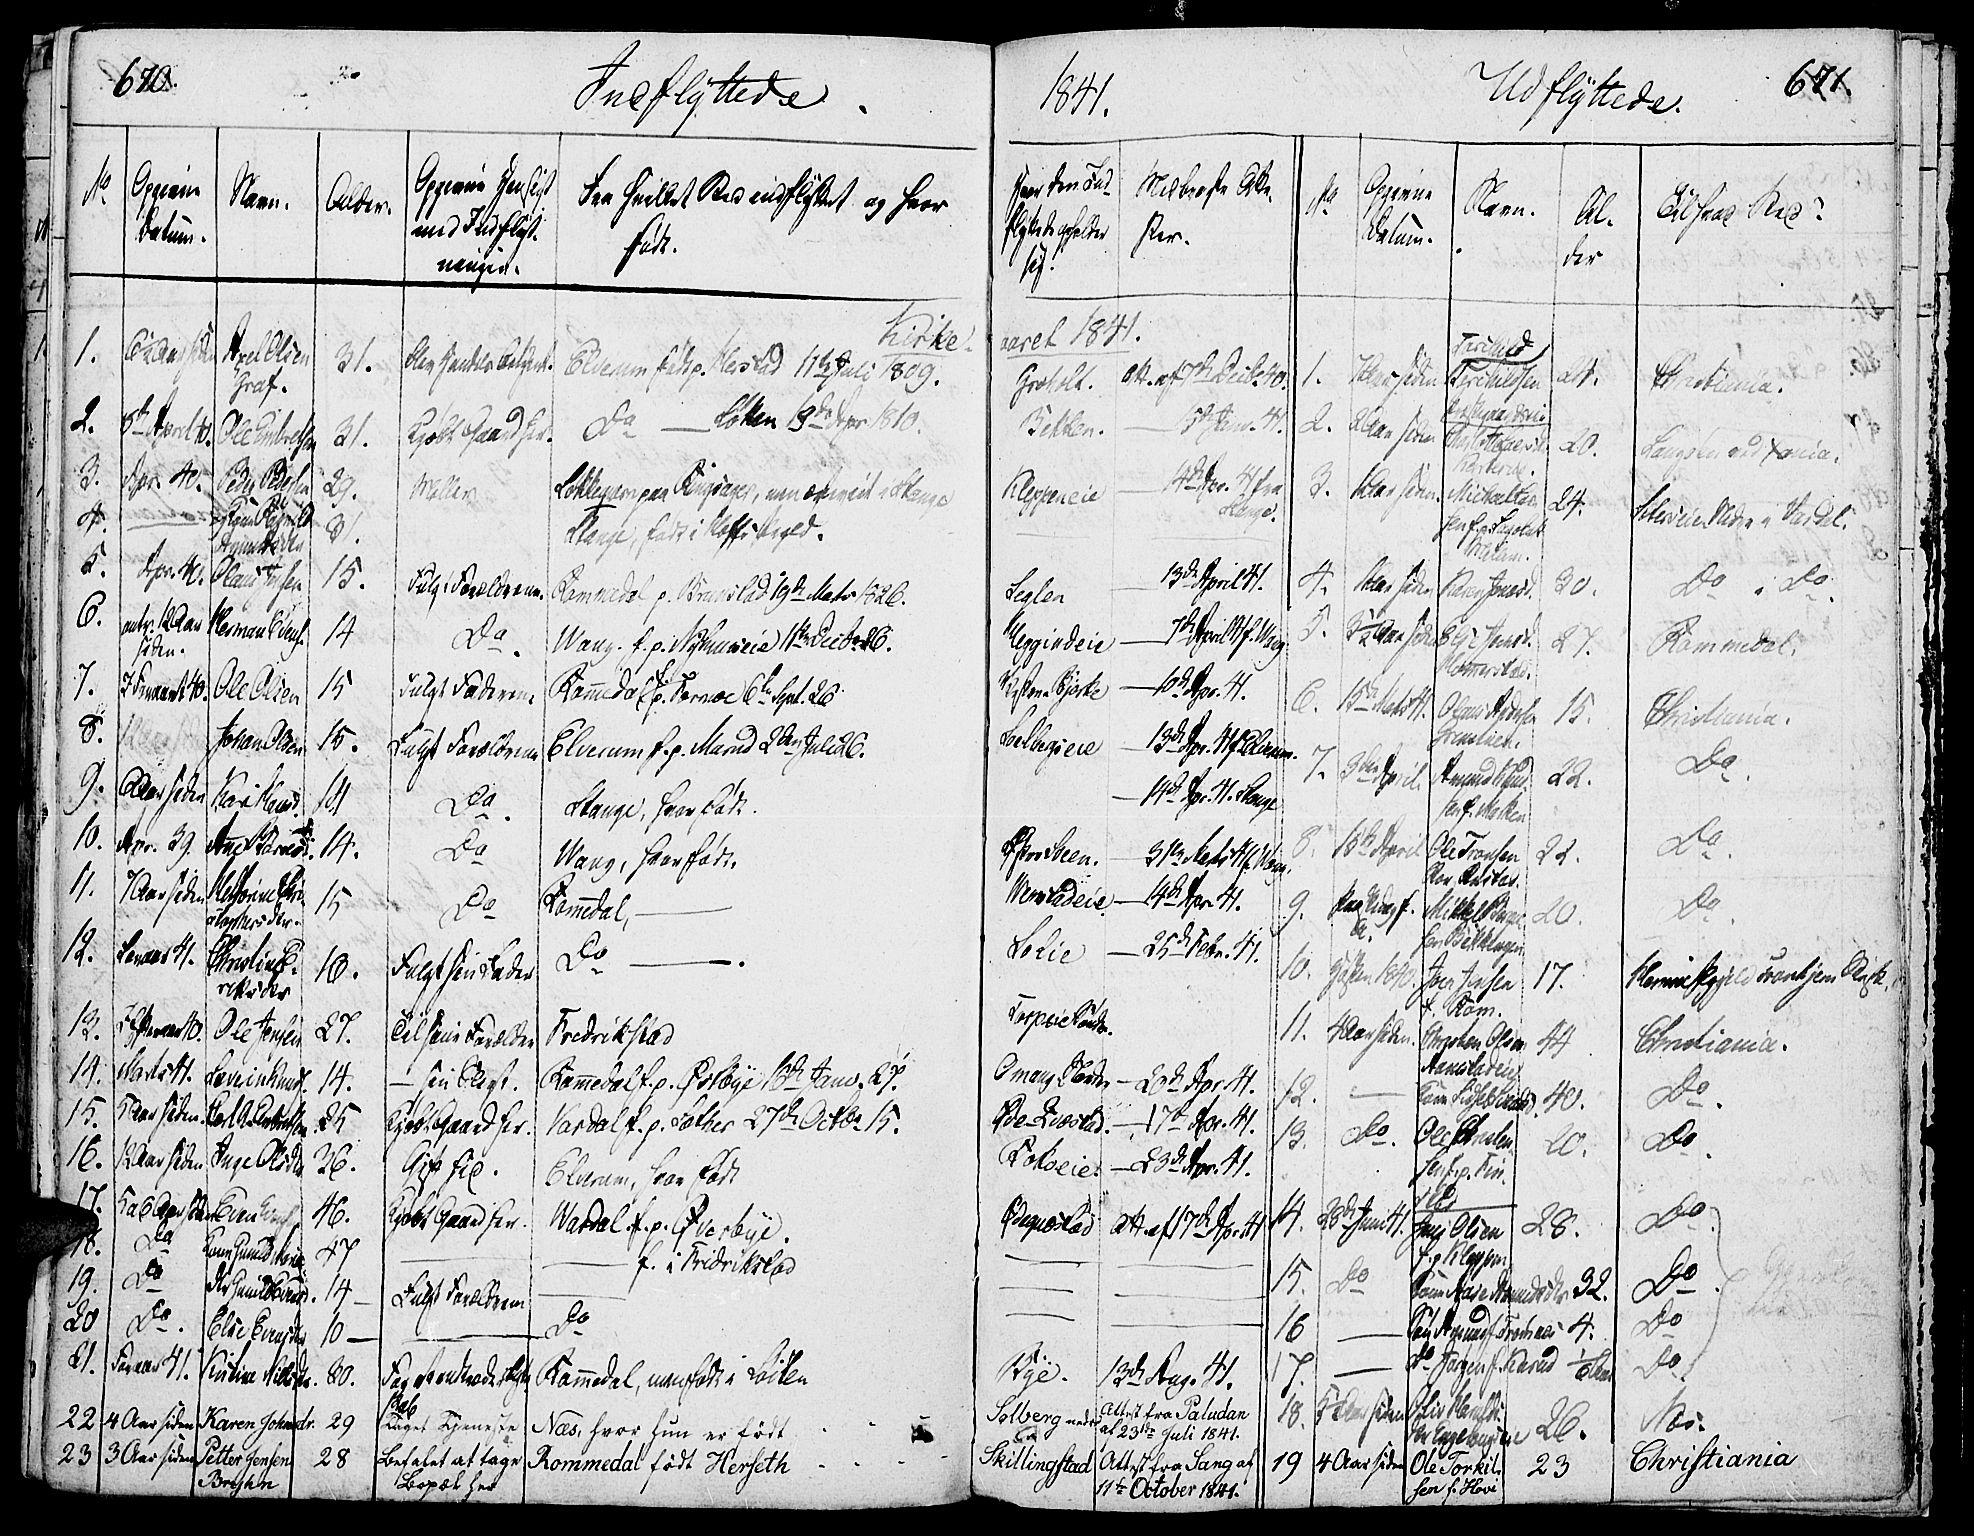 SAH, Løten prestekontor, K/Ka/L0006: Parish register (official) no. 6, 1832-1849, p. 670-671